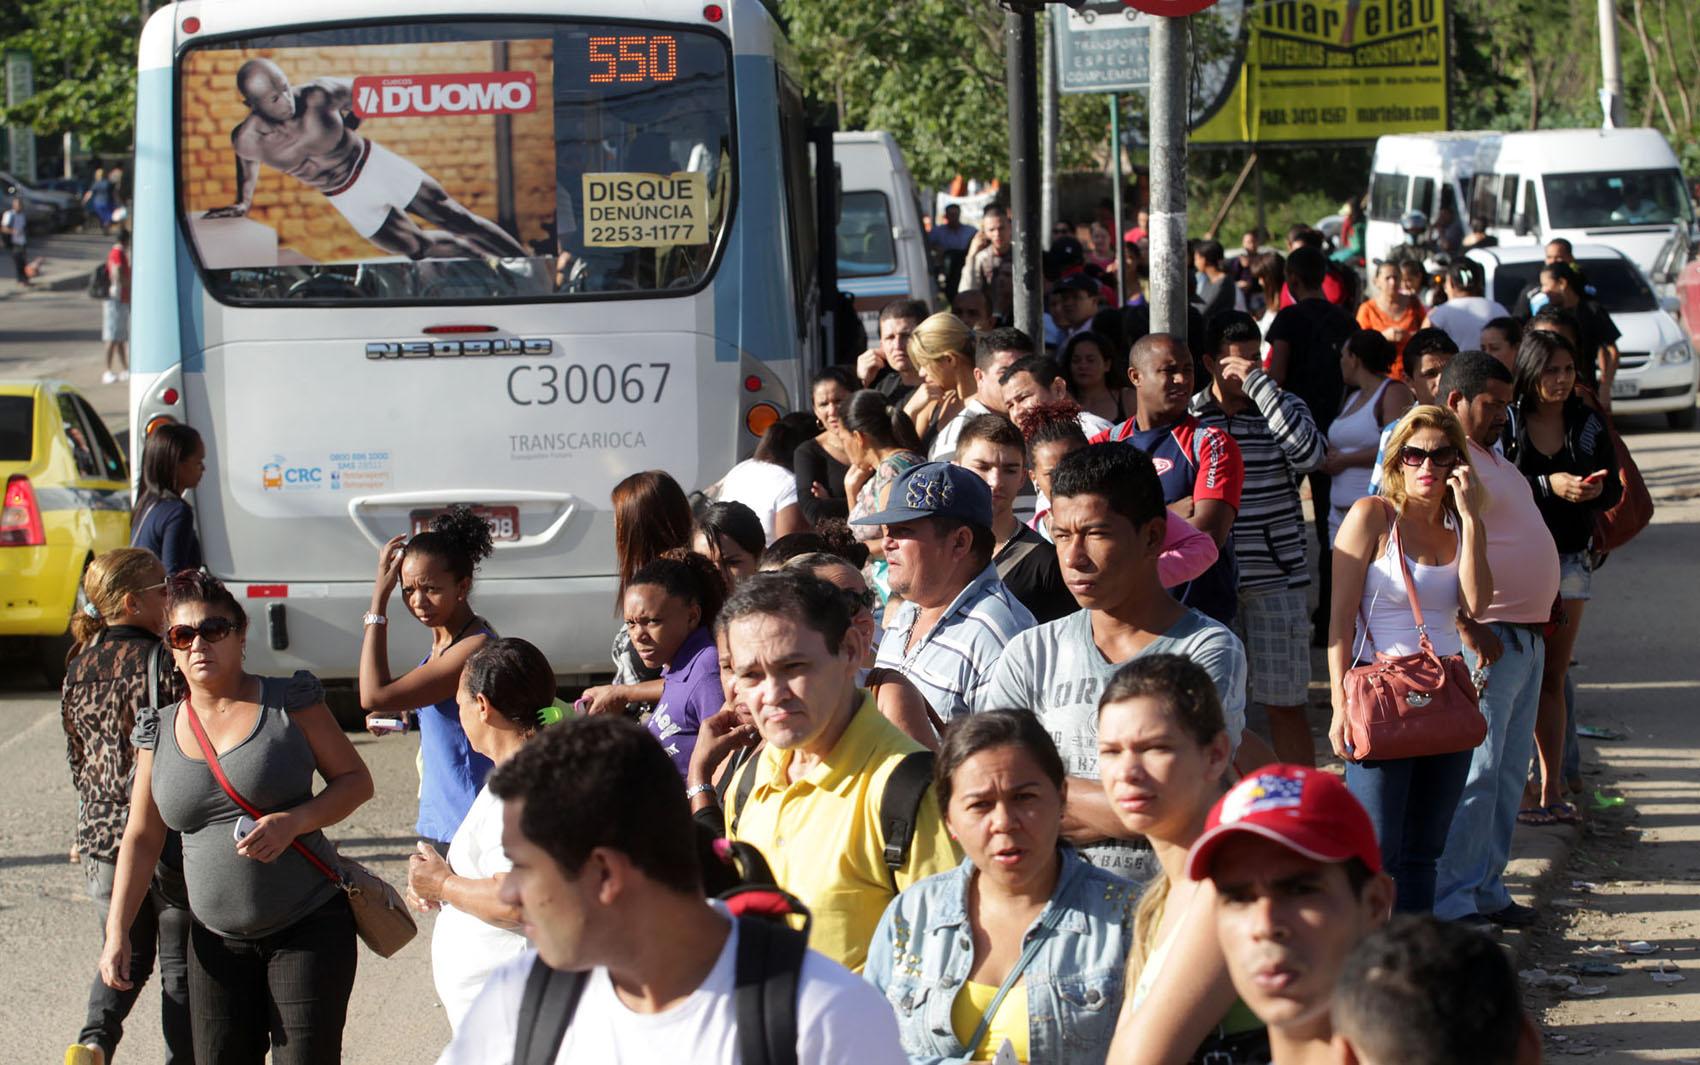 Passageiros em ponto em Rio das Pedras, Zona Oeste, onde vans cobravam até R$ 10